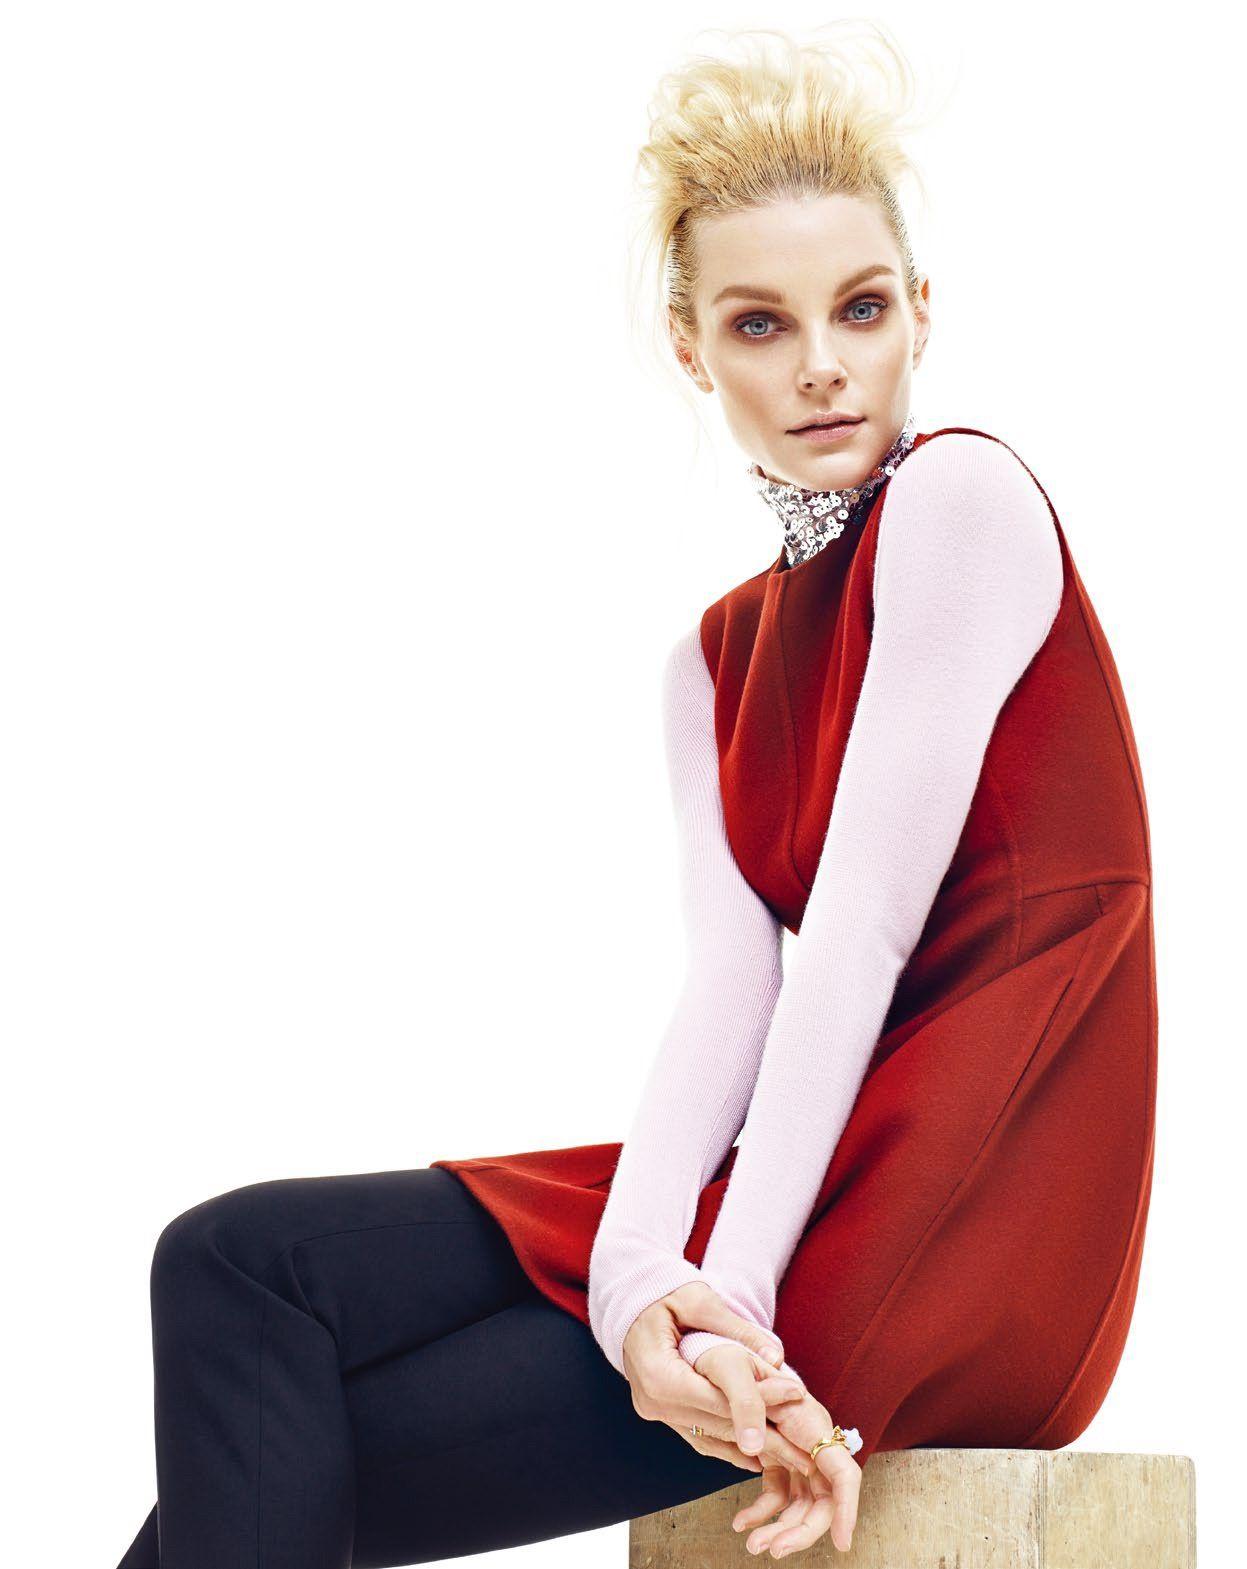 Jessica Stam for Saks Fifth Avenue Catalog